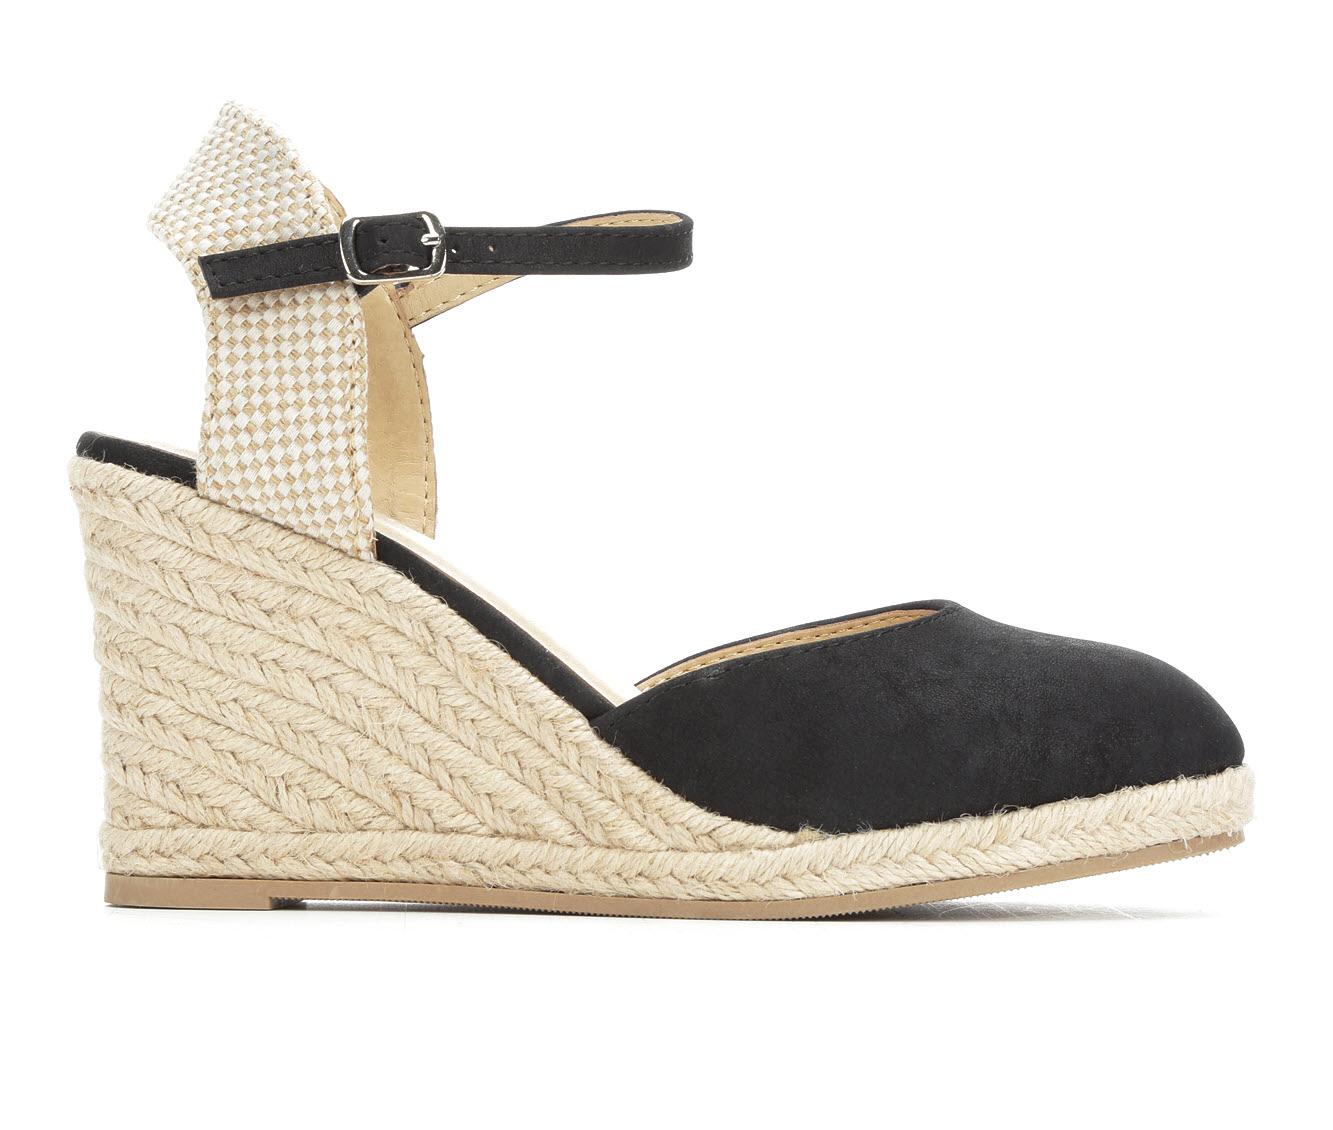 Solanz Libby Women's Dress Shoe (Black Faux Leather)